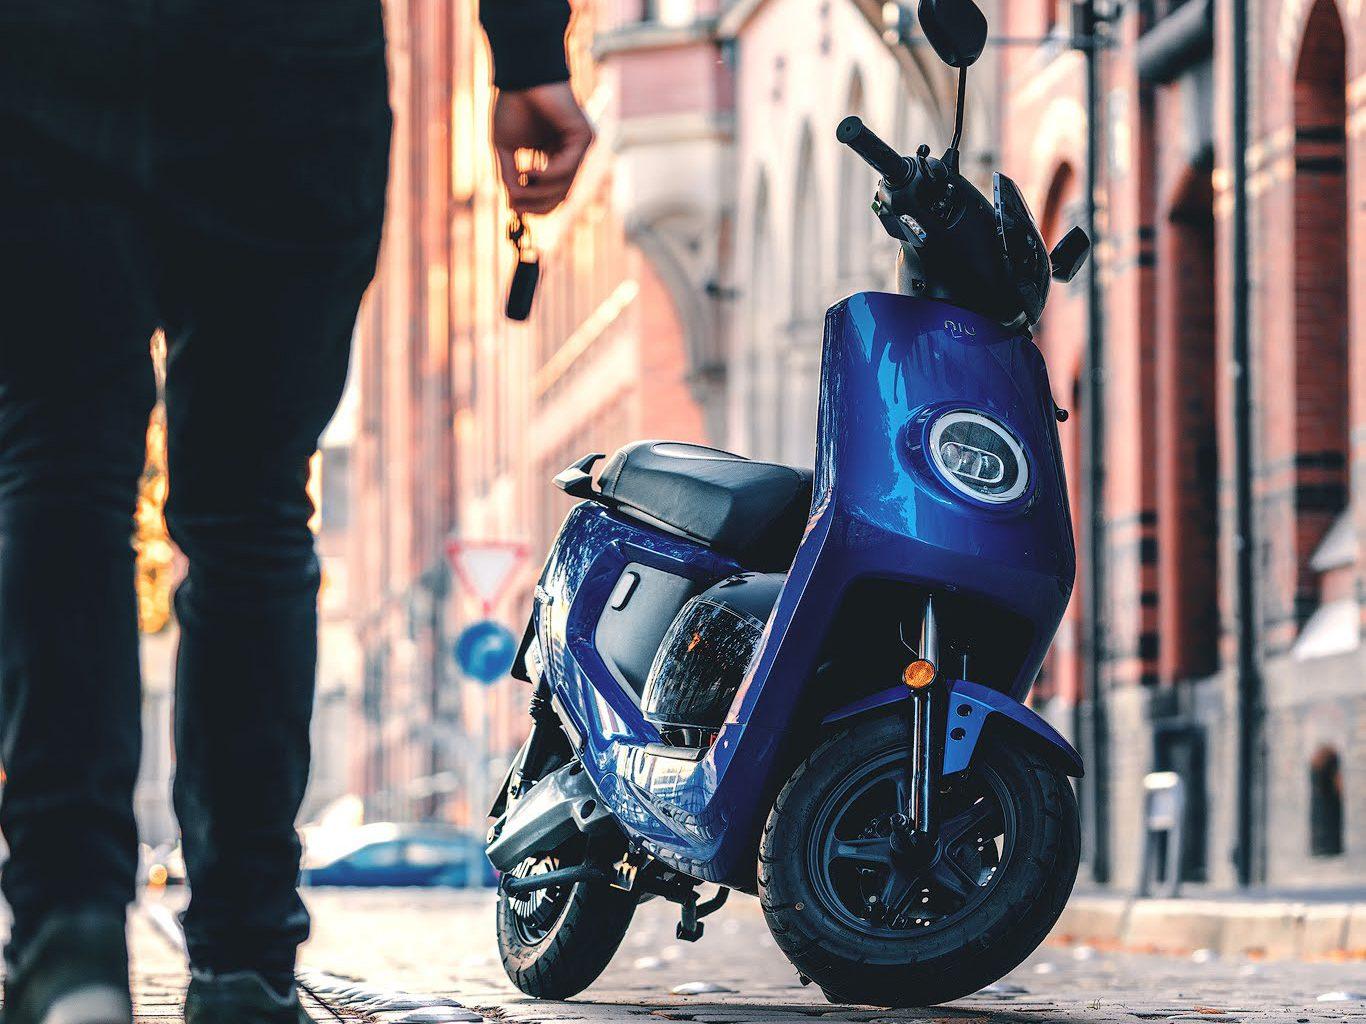 Choisissez un scooter électrique en fonction de ces conseils